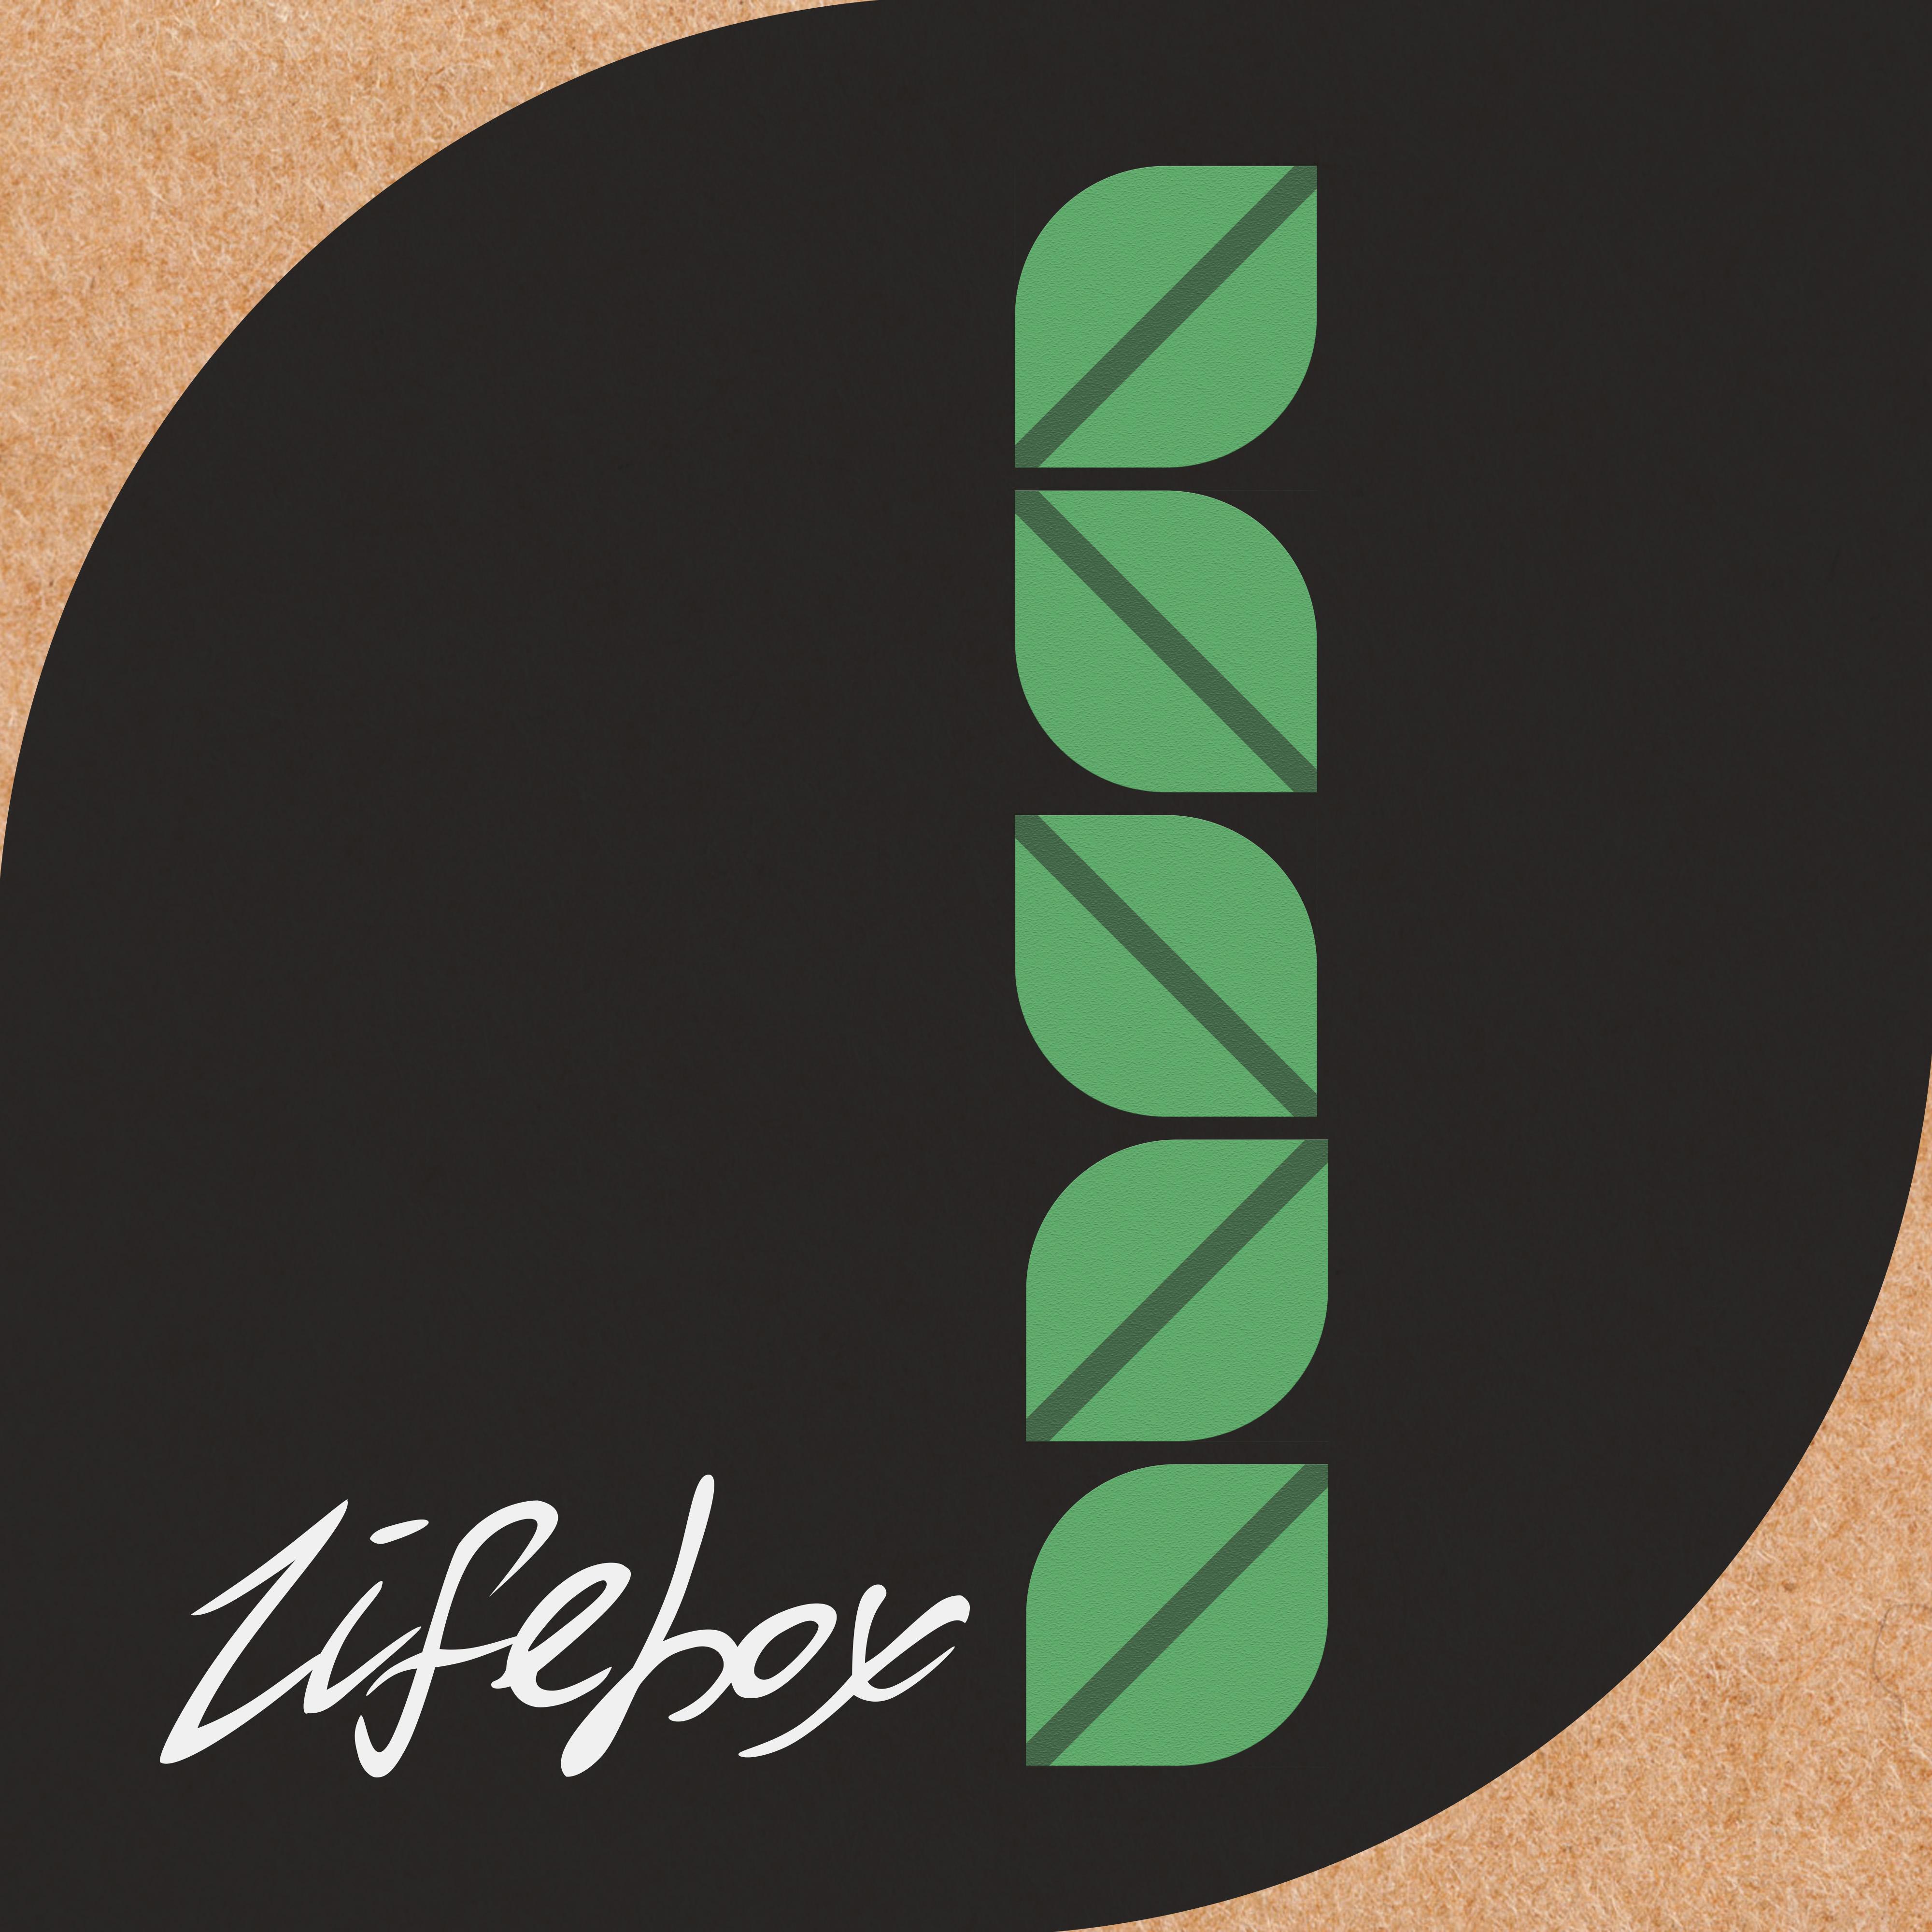 Разработка Логотипа. Победитель получит расширеный заказ  фото f_9365c26bfa810968.jpg